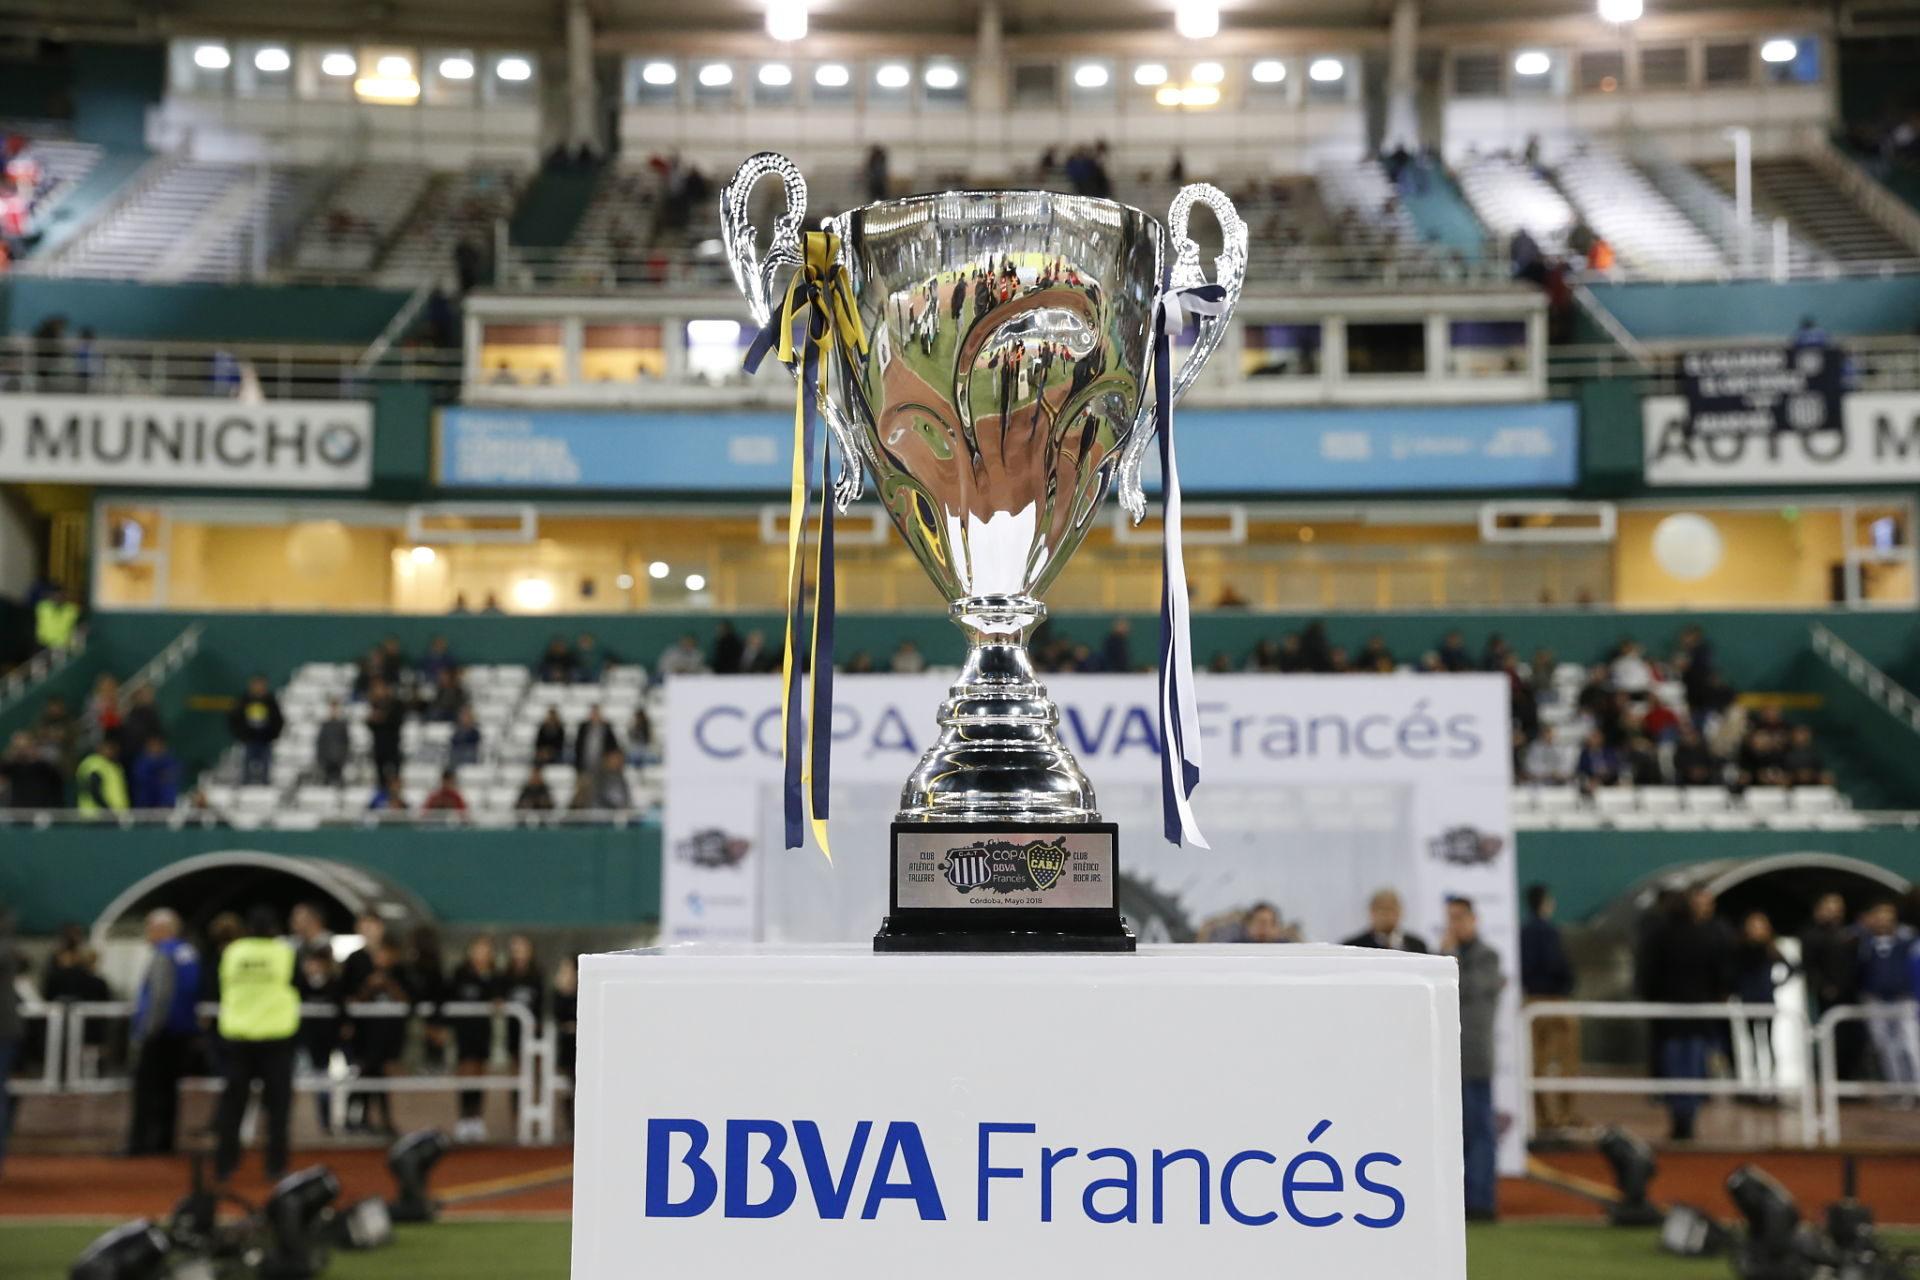 Copa BBVA Francés